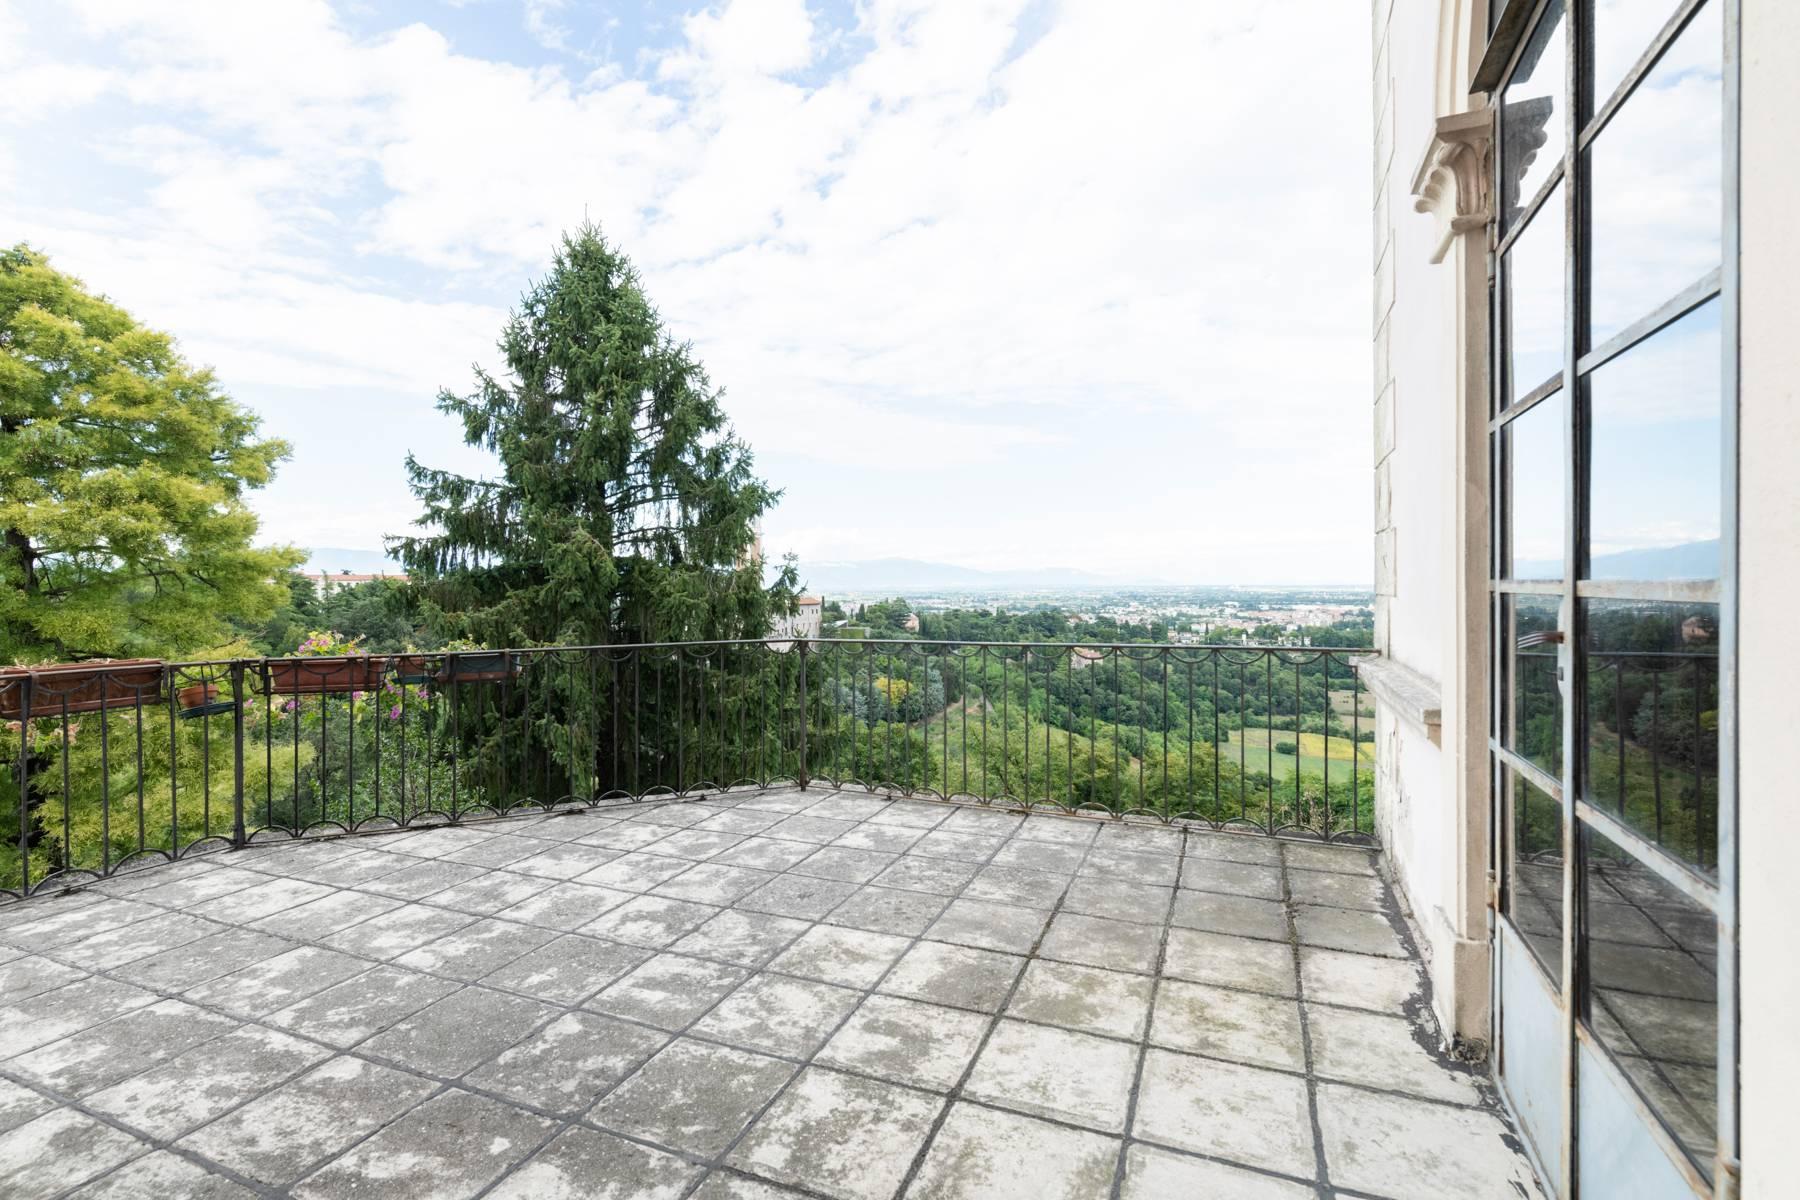 Elegante villa storica con parco privato sulla sommità del Monte Berico - 20